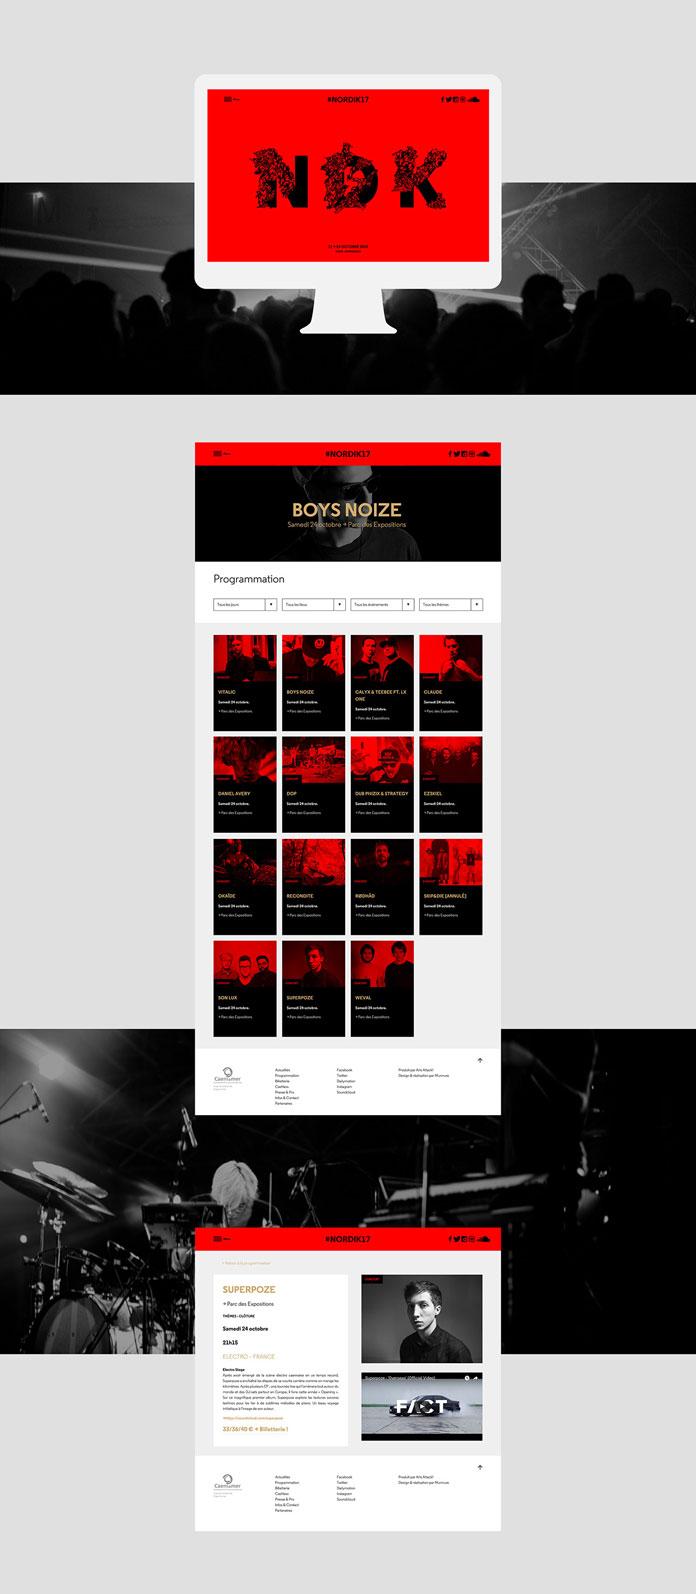 Nördik Impakt website.